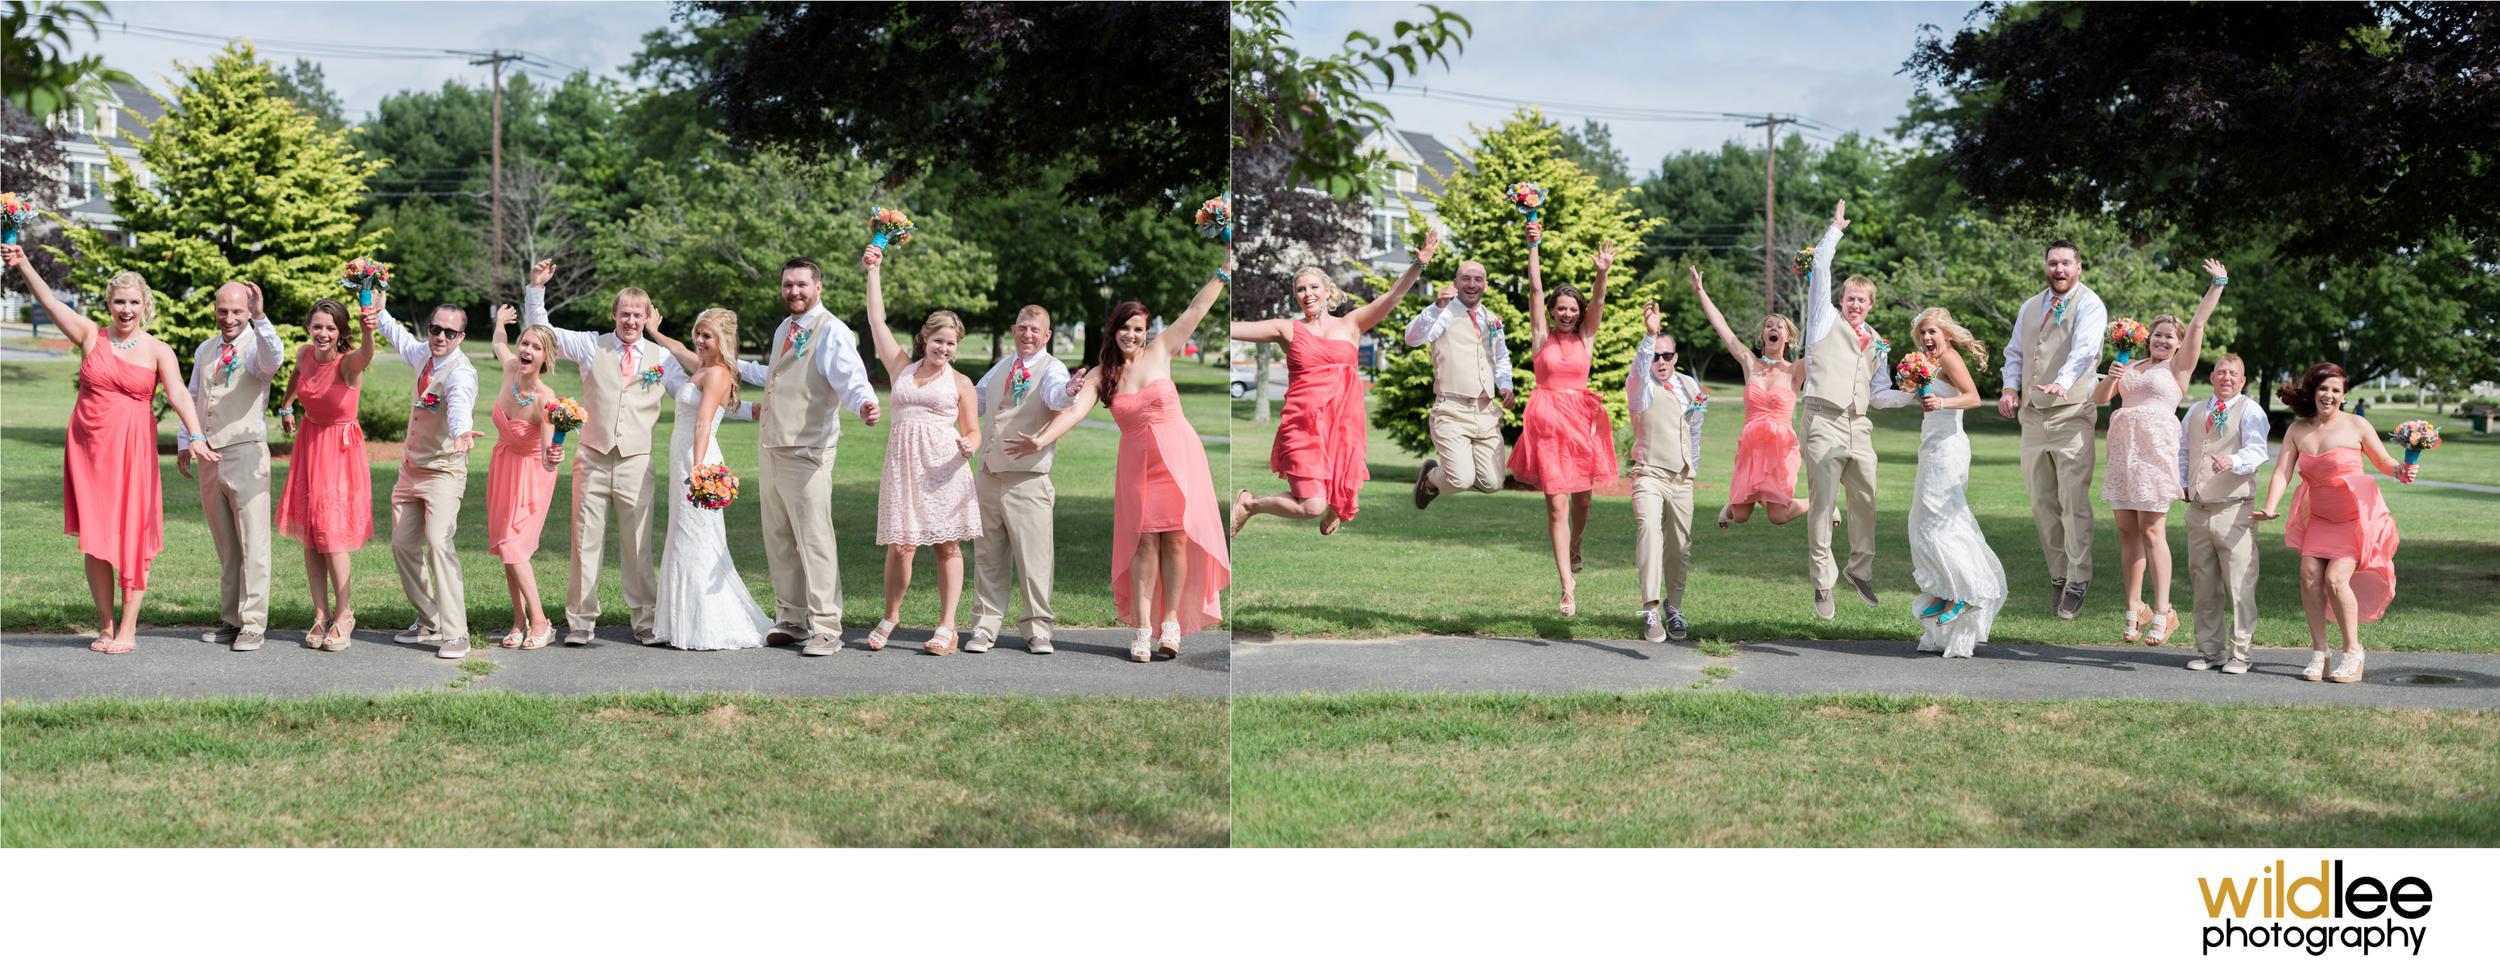 Weddingparty8.jpg